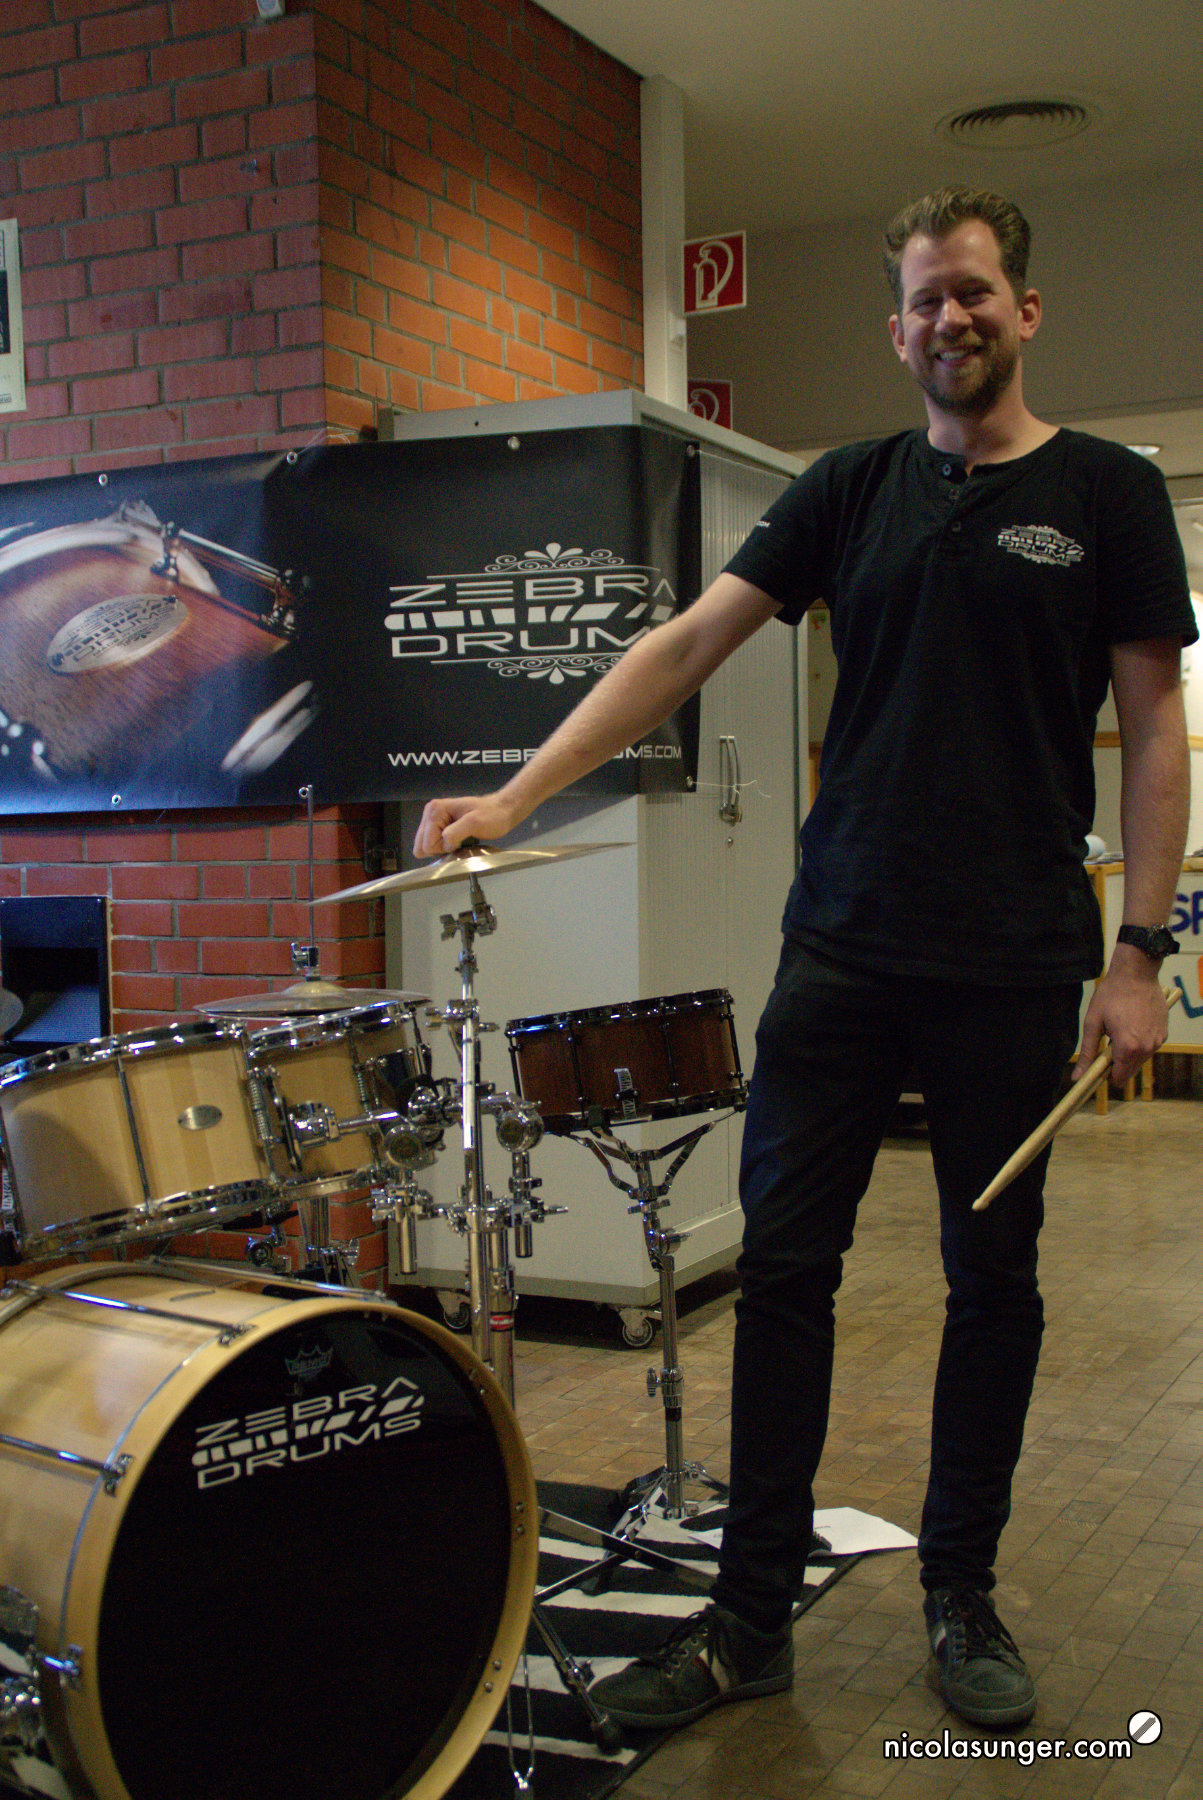 Sjoerd van der Beuken - Zebra Drums